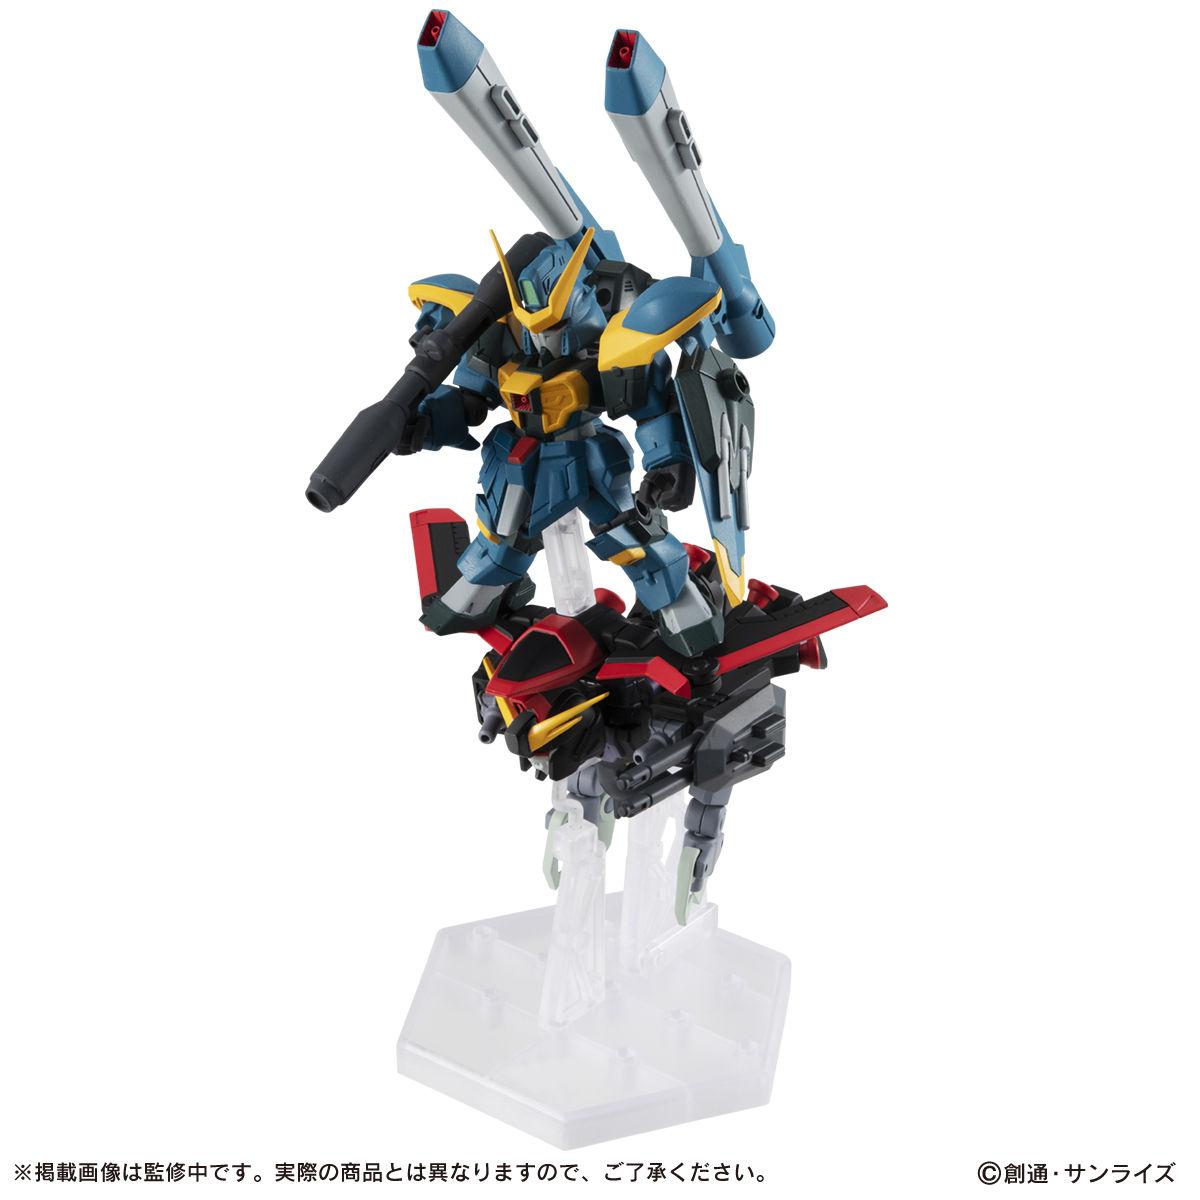 【限定販売】MOBILE SUIT ENSEMBLE『EX30 連合のブーステッドマン セット』デフォルメ可動フィギュア-008